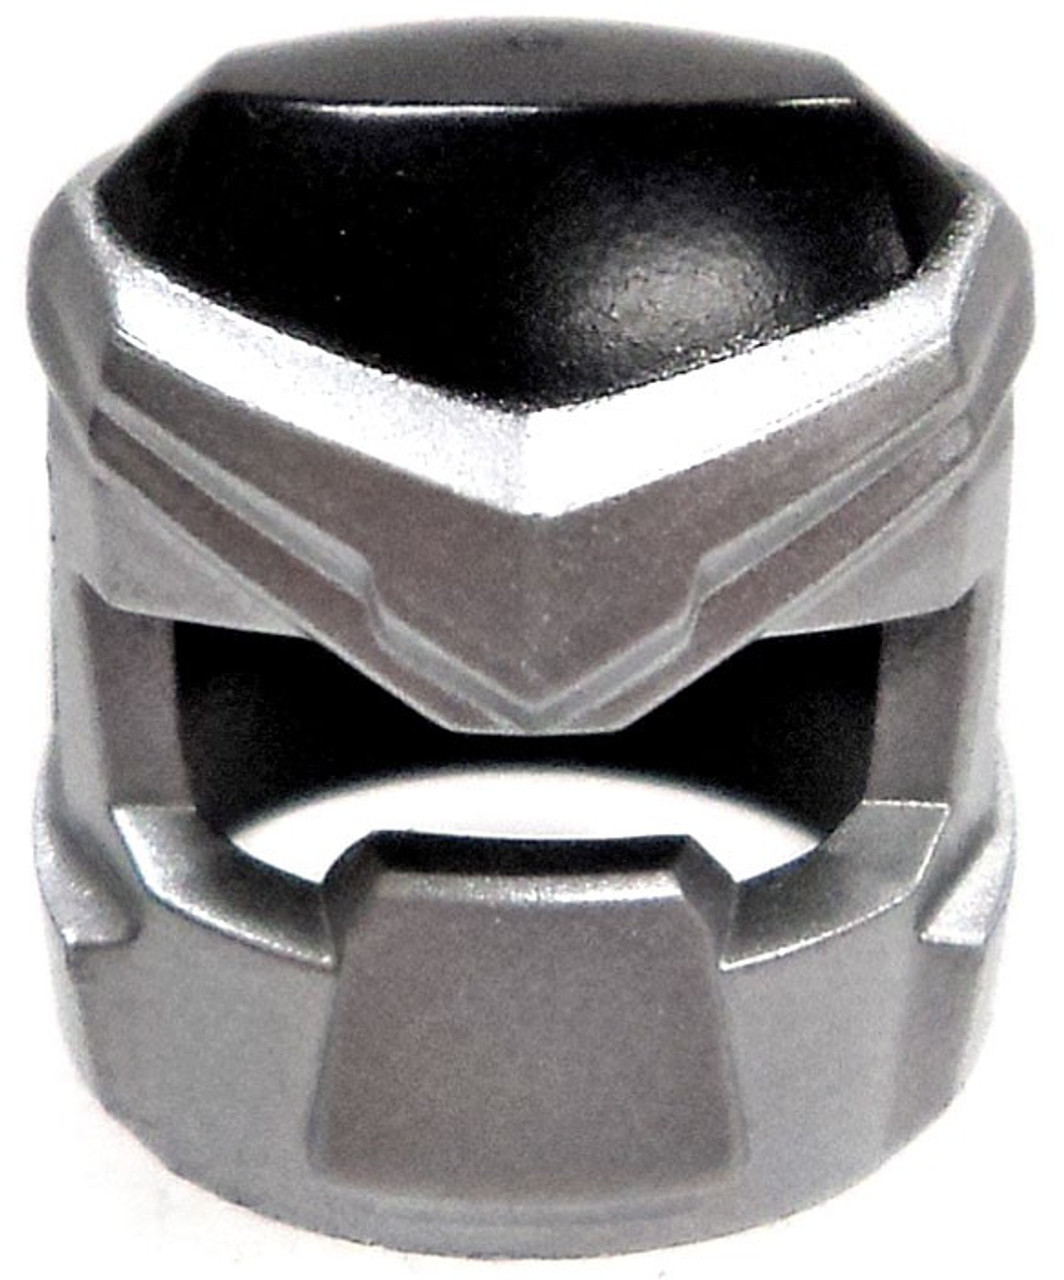 a6fb0eb5 LEGO Headgear Silver Space Helmet Loose - ToyWiz